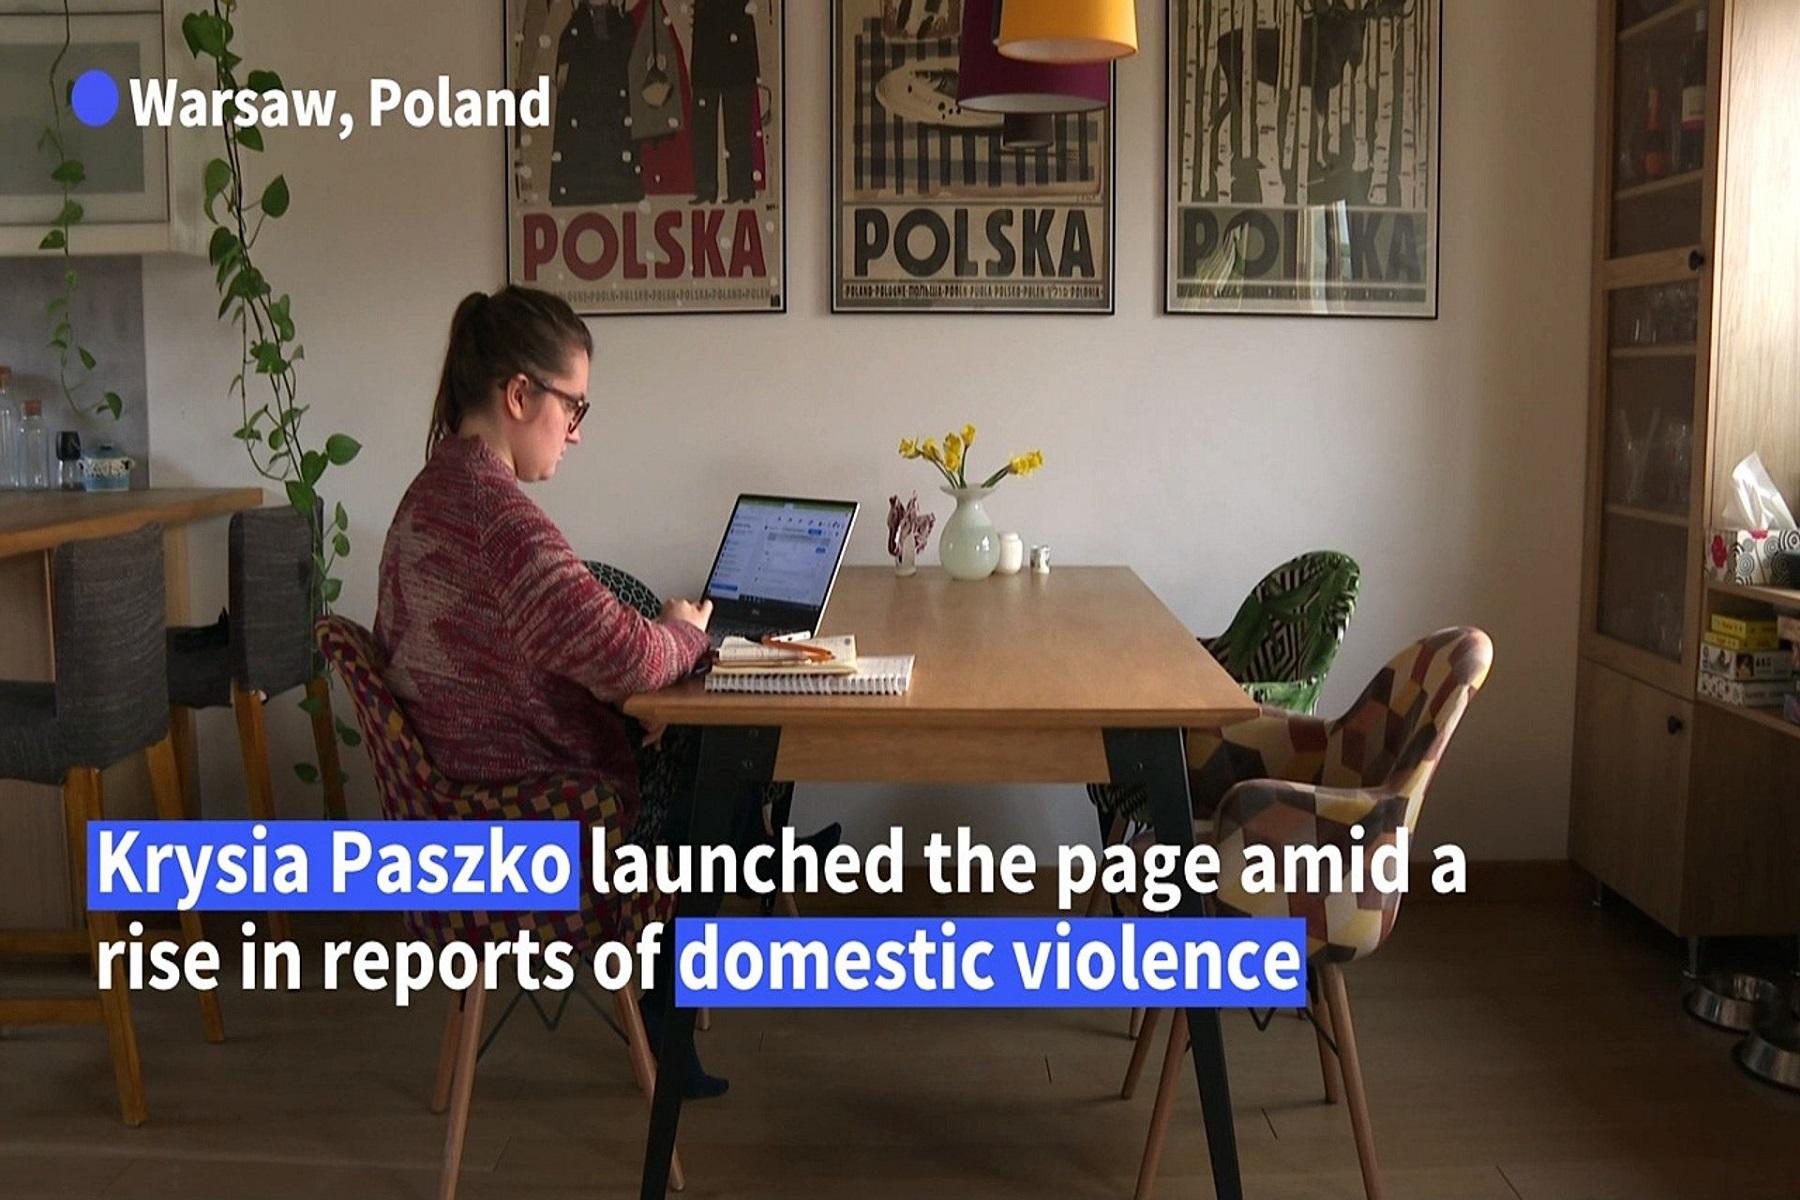 Καραντίνα Κακοποίηση: Ο ψεύτικος ιστότοπος ομορφιάς της Πολωνίας βοηθά τα θύματα κατάχρησης lockdown